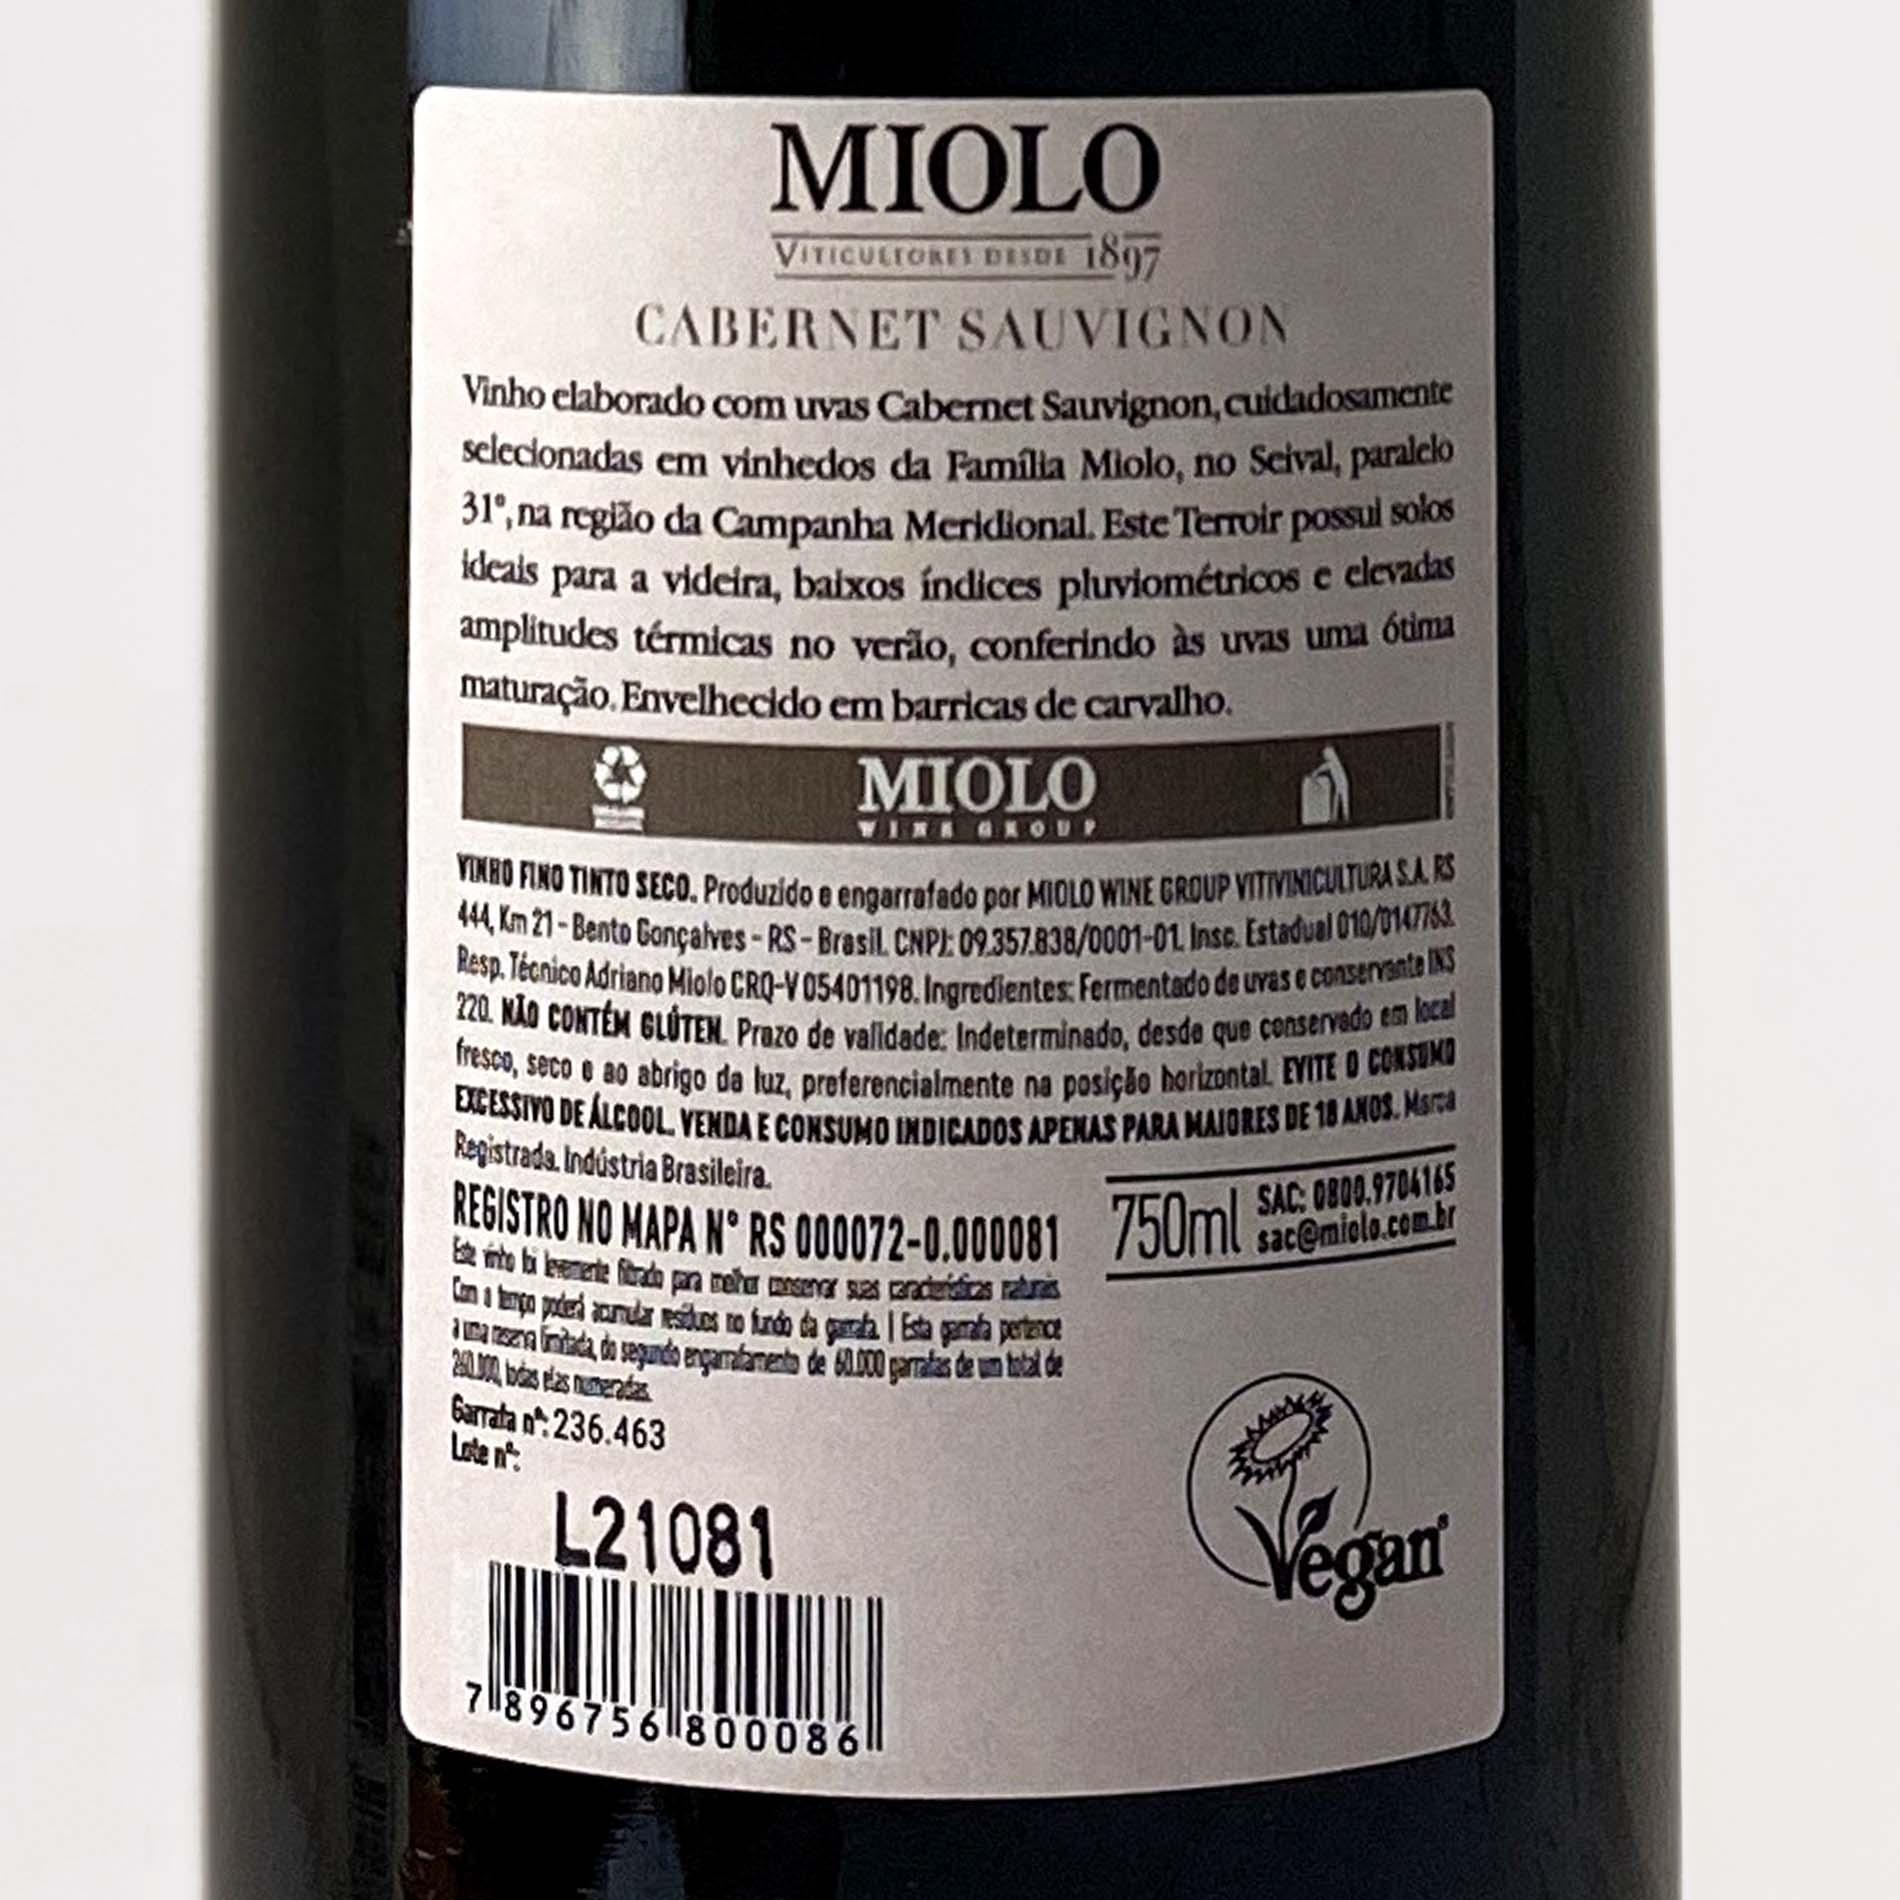 Miolo Reserva Cabernet Sauvignon  - Vinerize